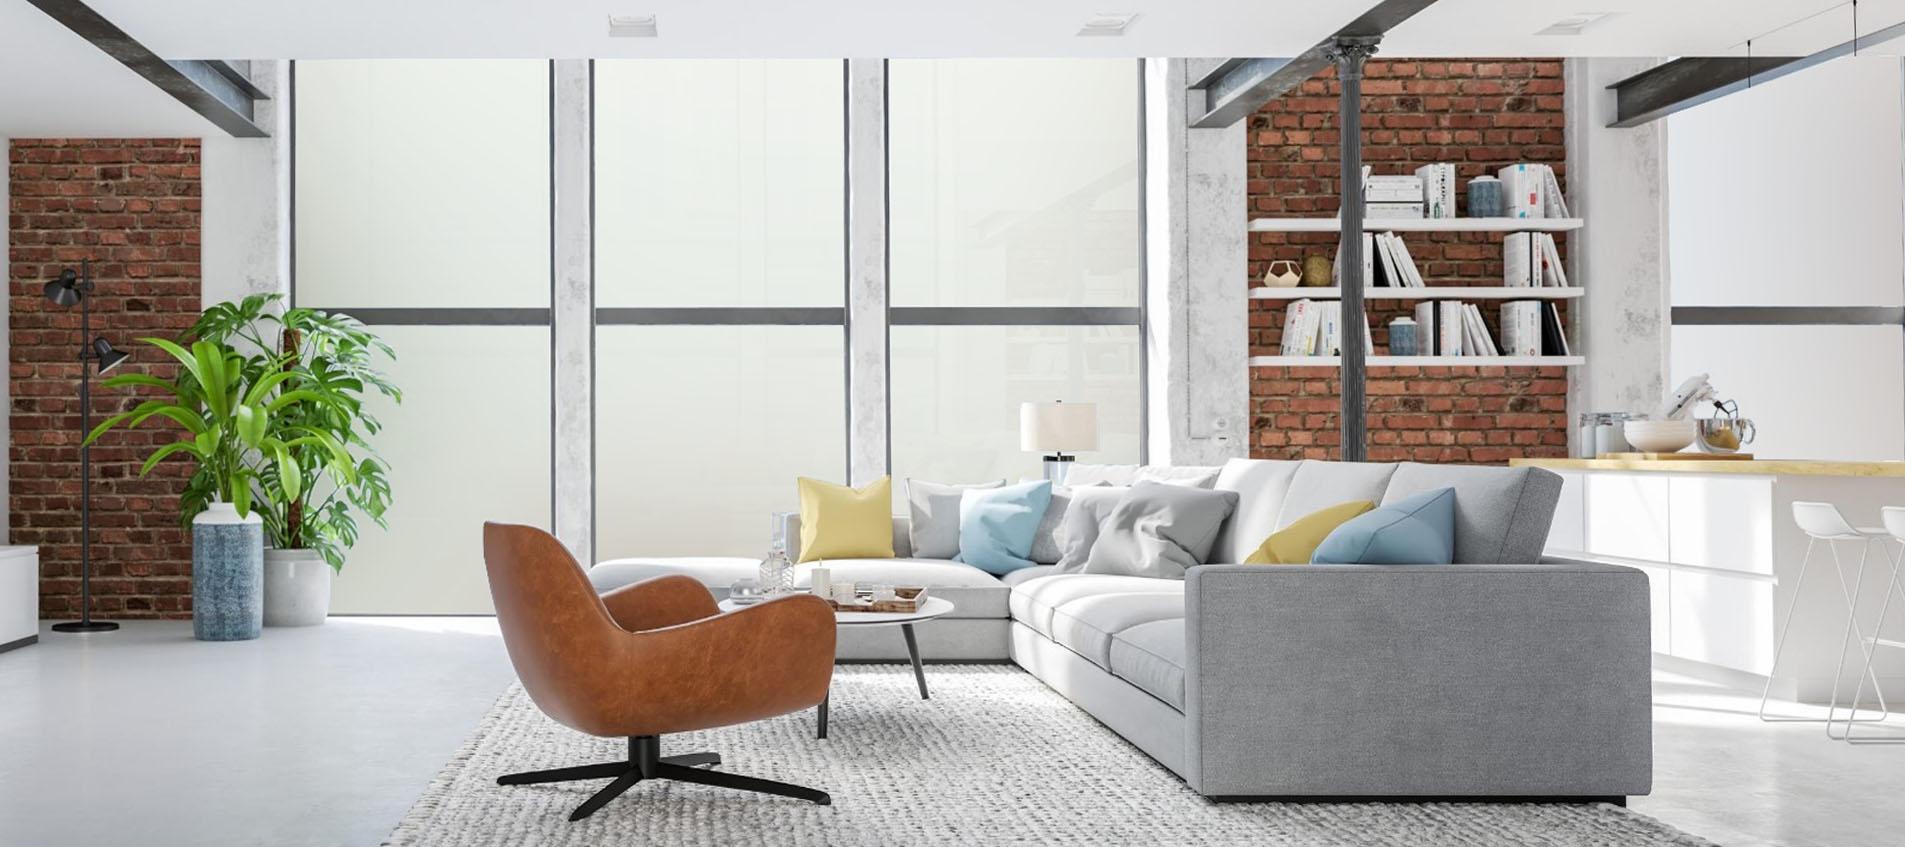 slider_living-room_after